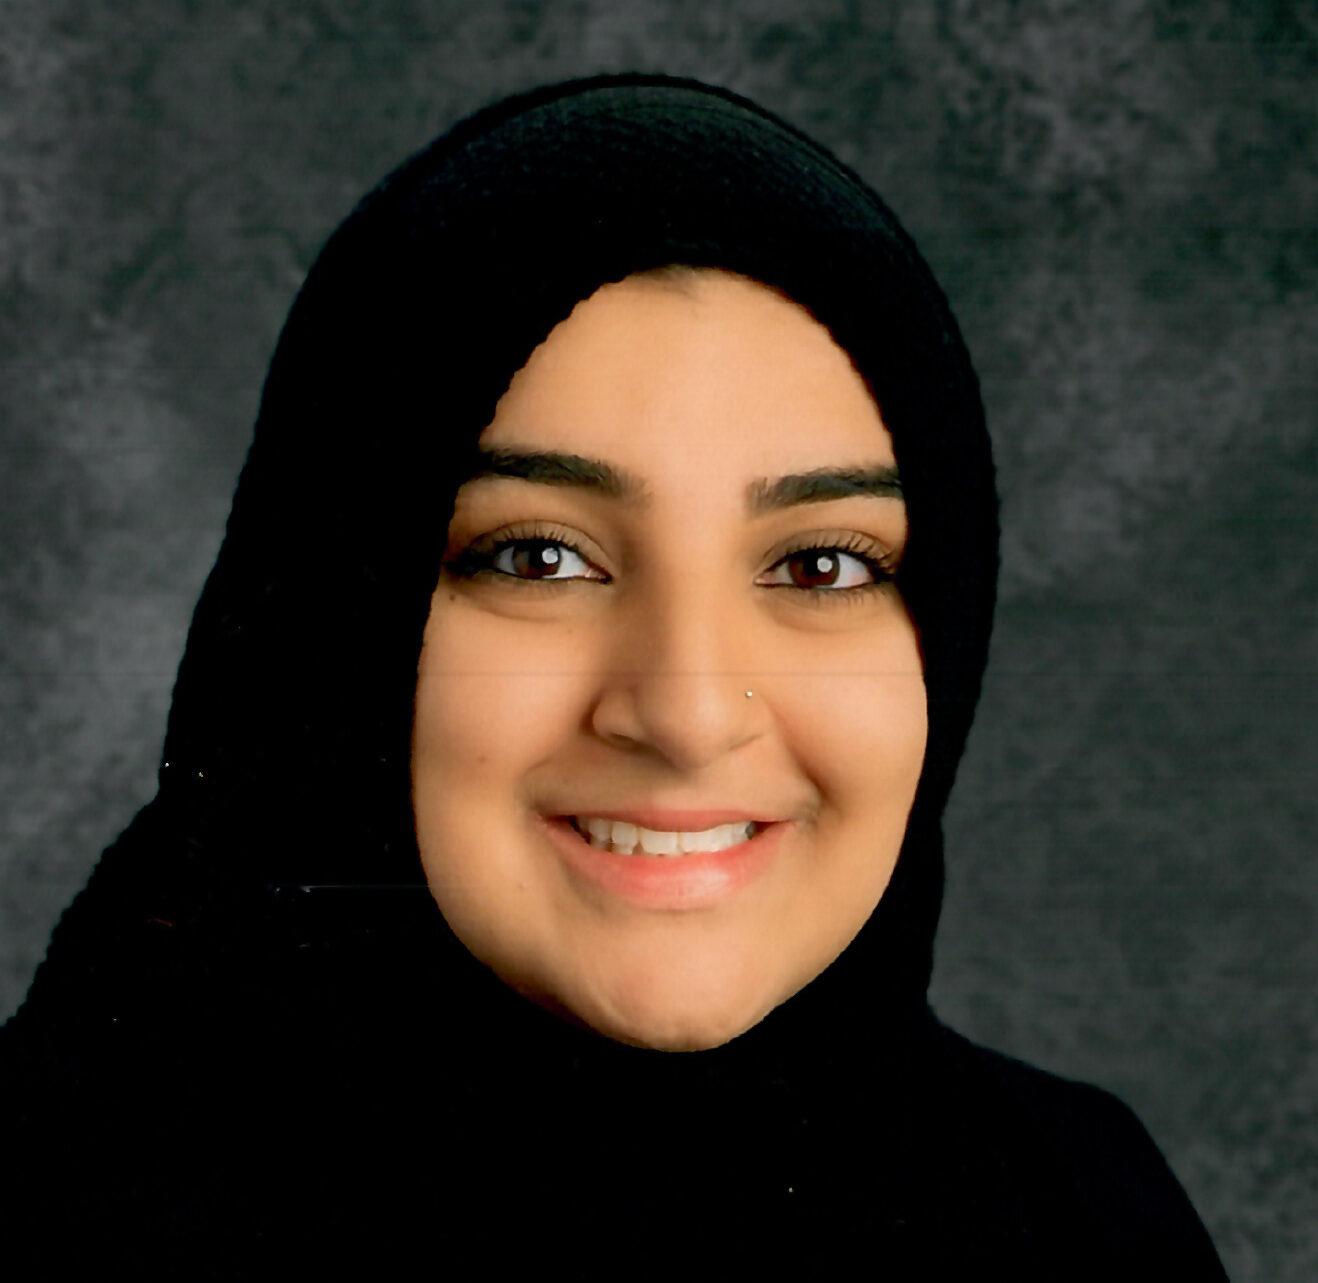 Fatima Husain